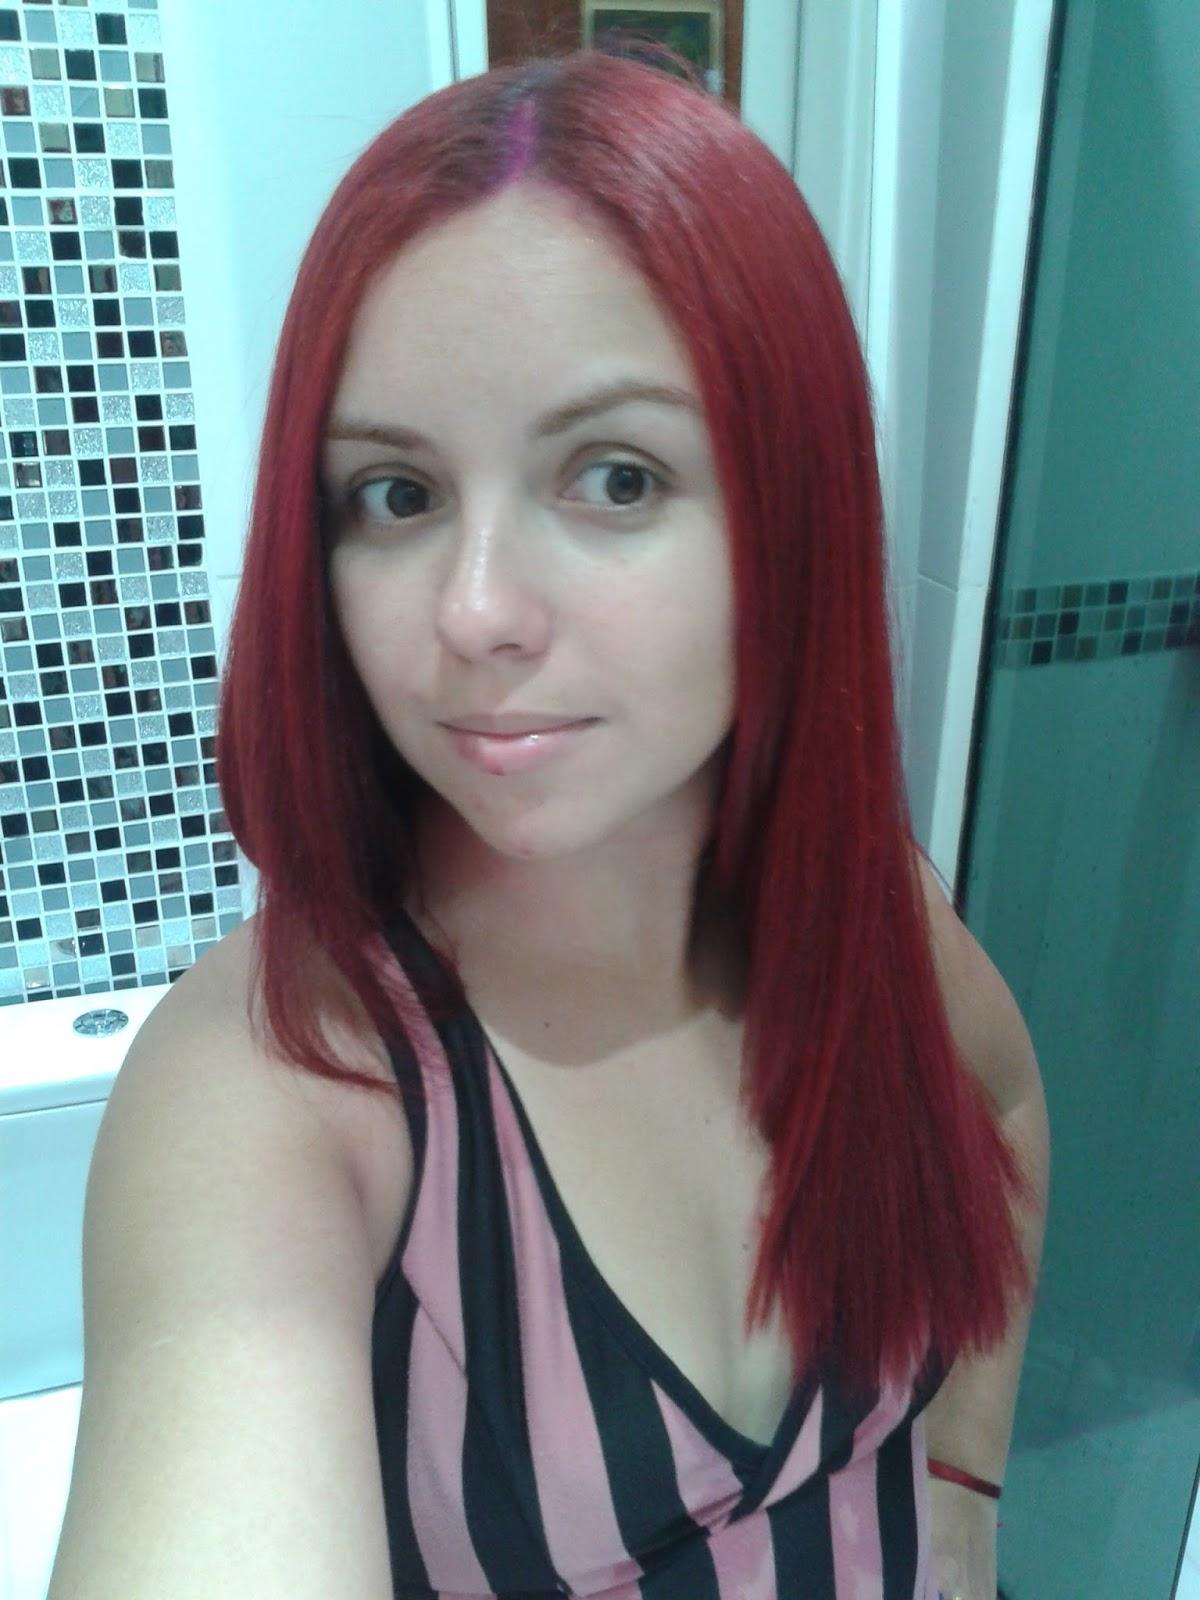 Mundo da Ny: Cabelo: Lola colors   #358B96 1200 1600